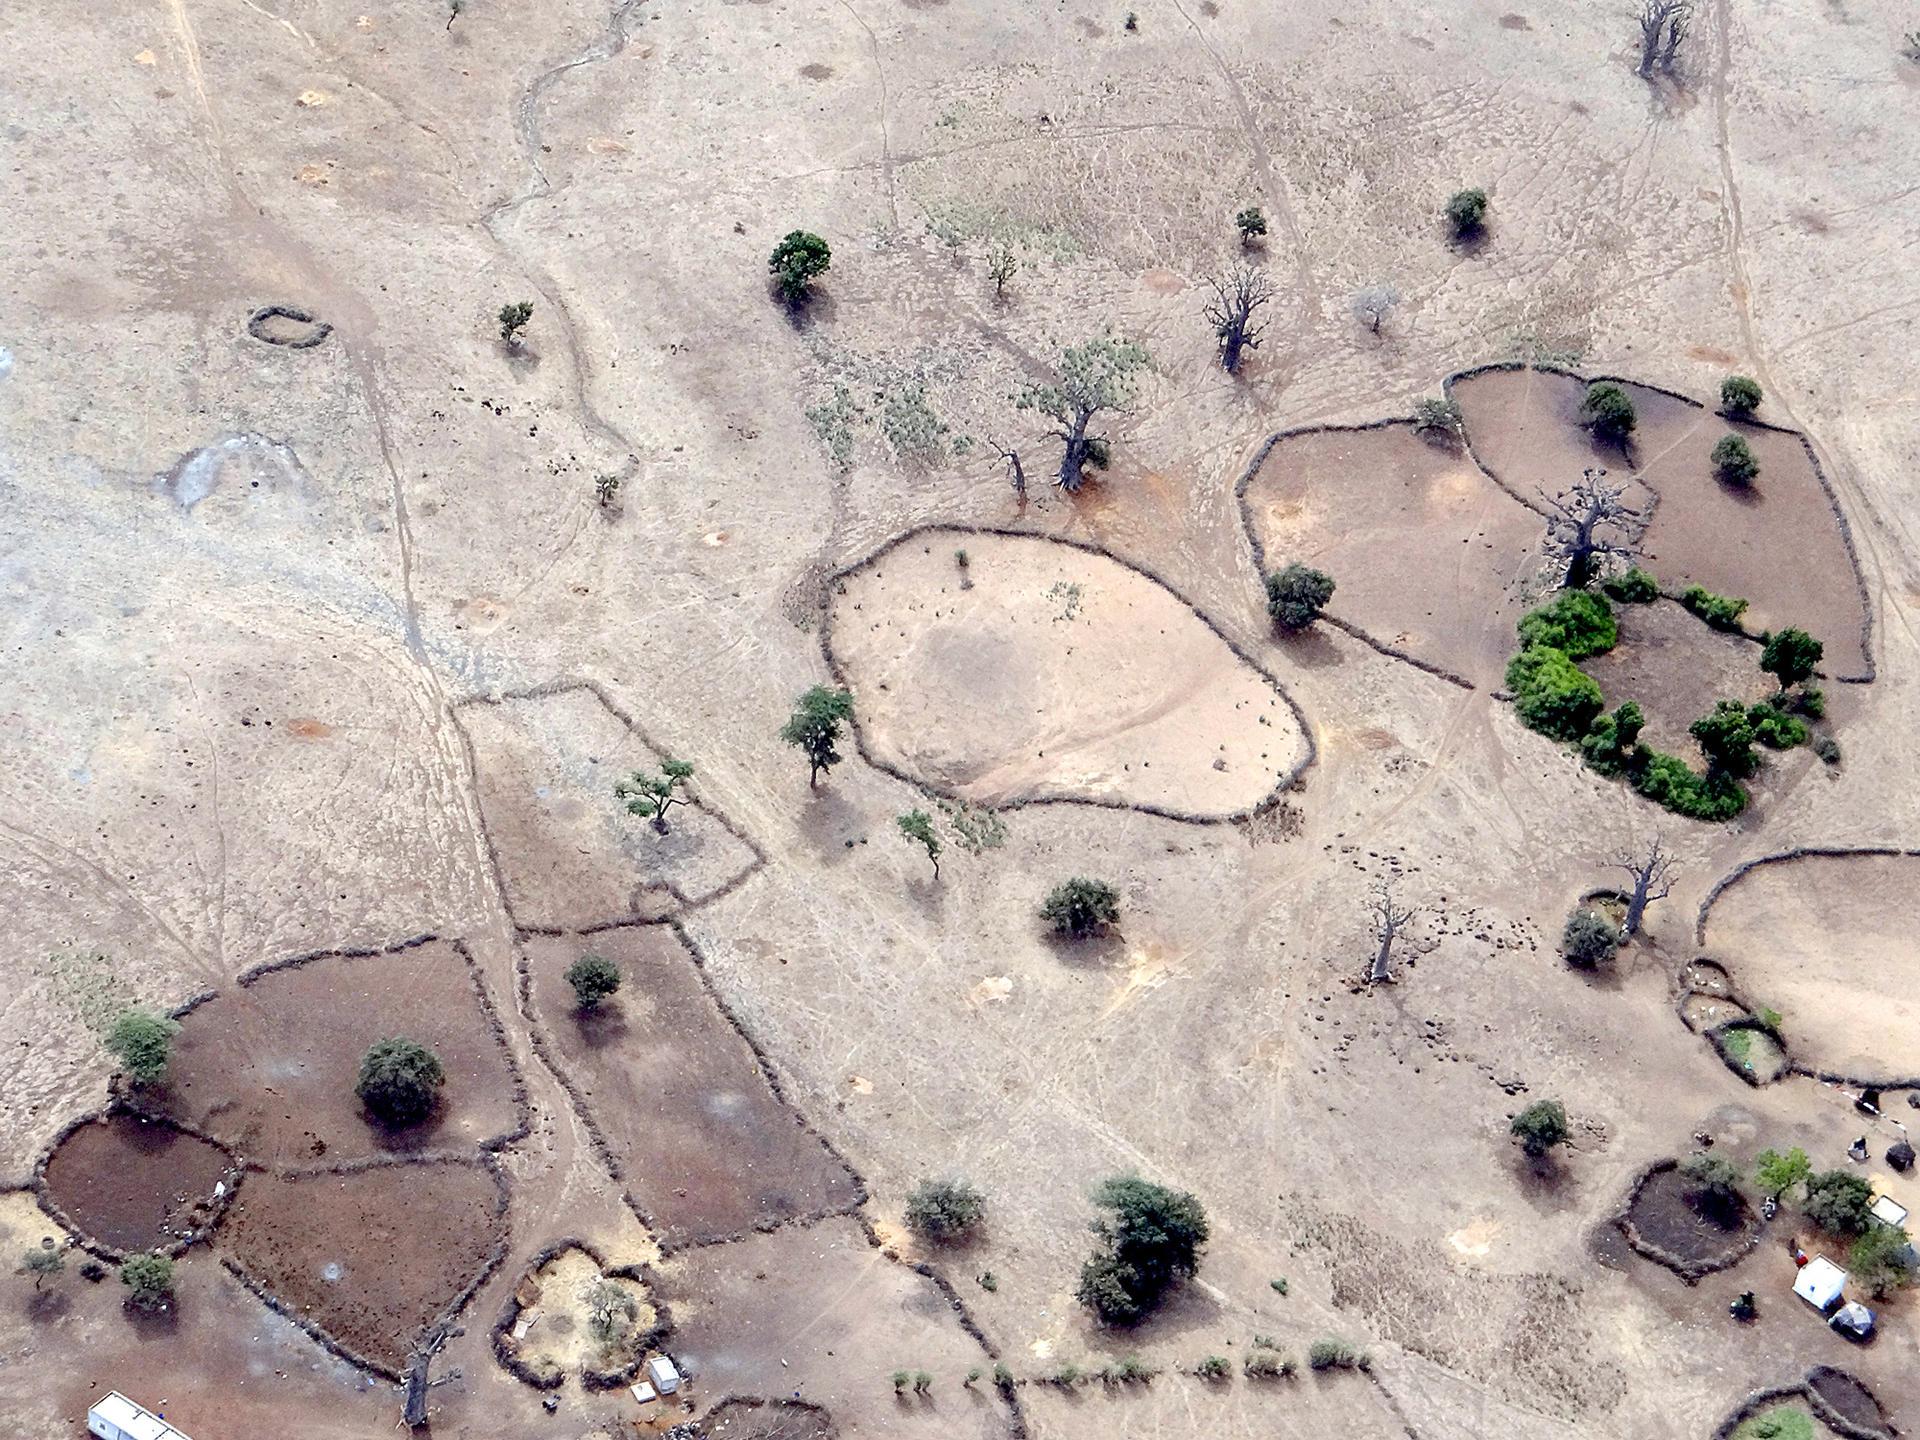 Parcs à bétail traditionnels au Sénégal, région de Thiès.